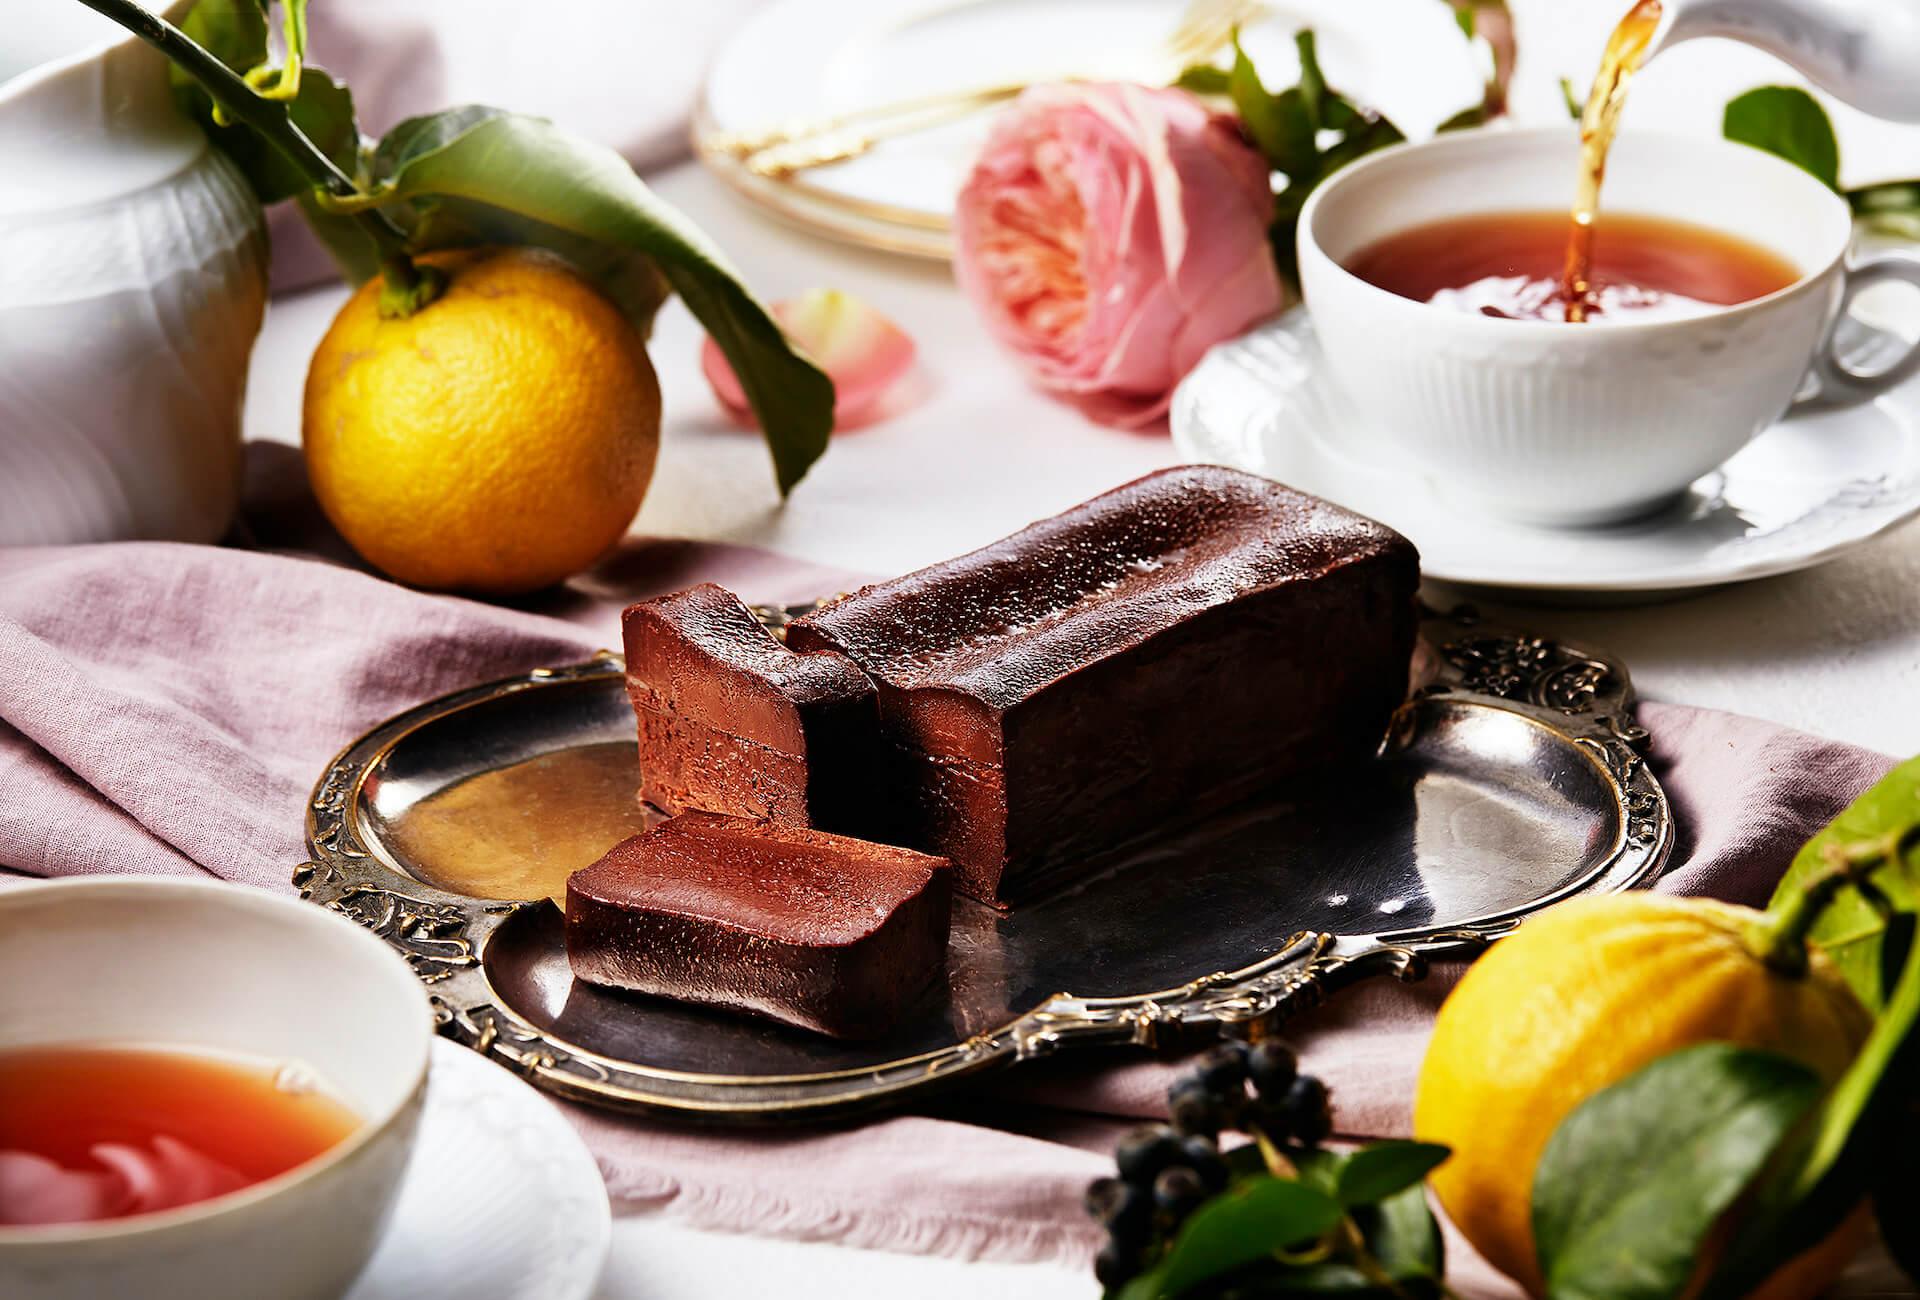 「大人のガトーショコラ専門店 マジョリ」から華やかなベルガモットが香るガトーショコラが1日100本限定で新発売! gourmet200622_majori_gateauchocolat_04